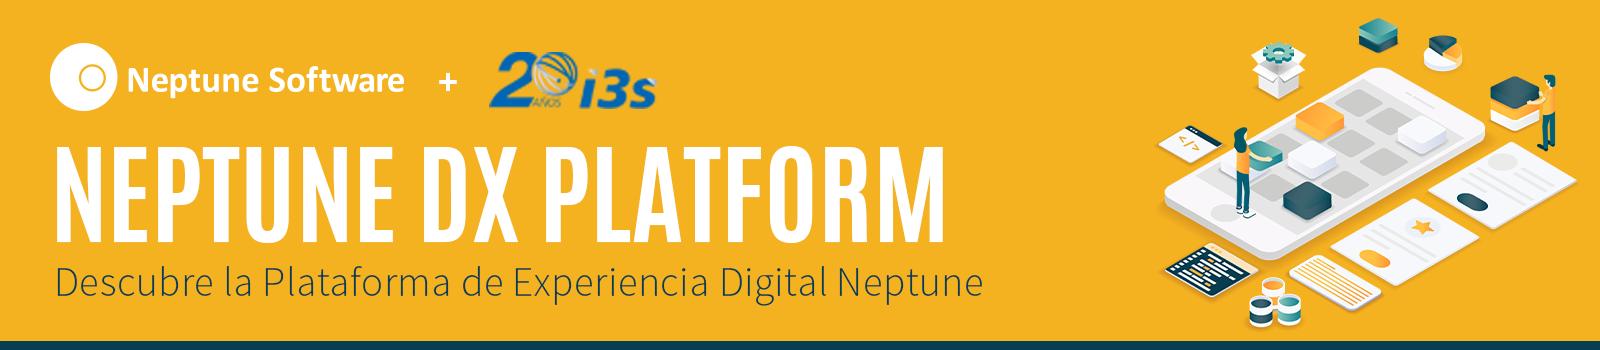 Descubre la Plataforma de Experiencia Digital Neptune